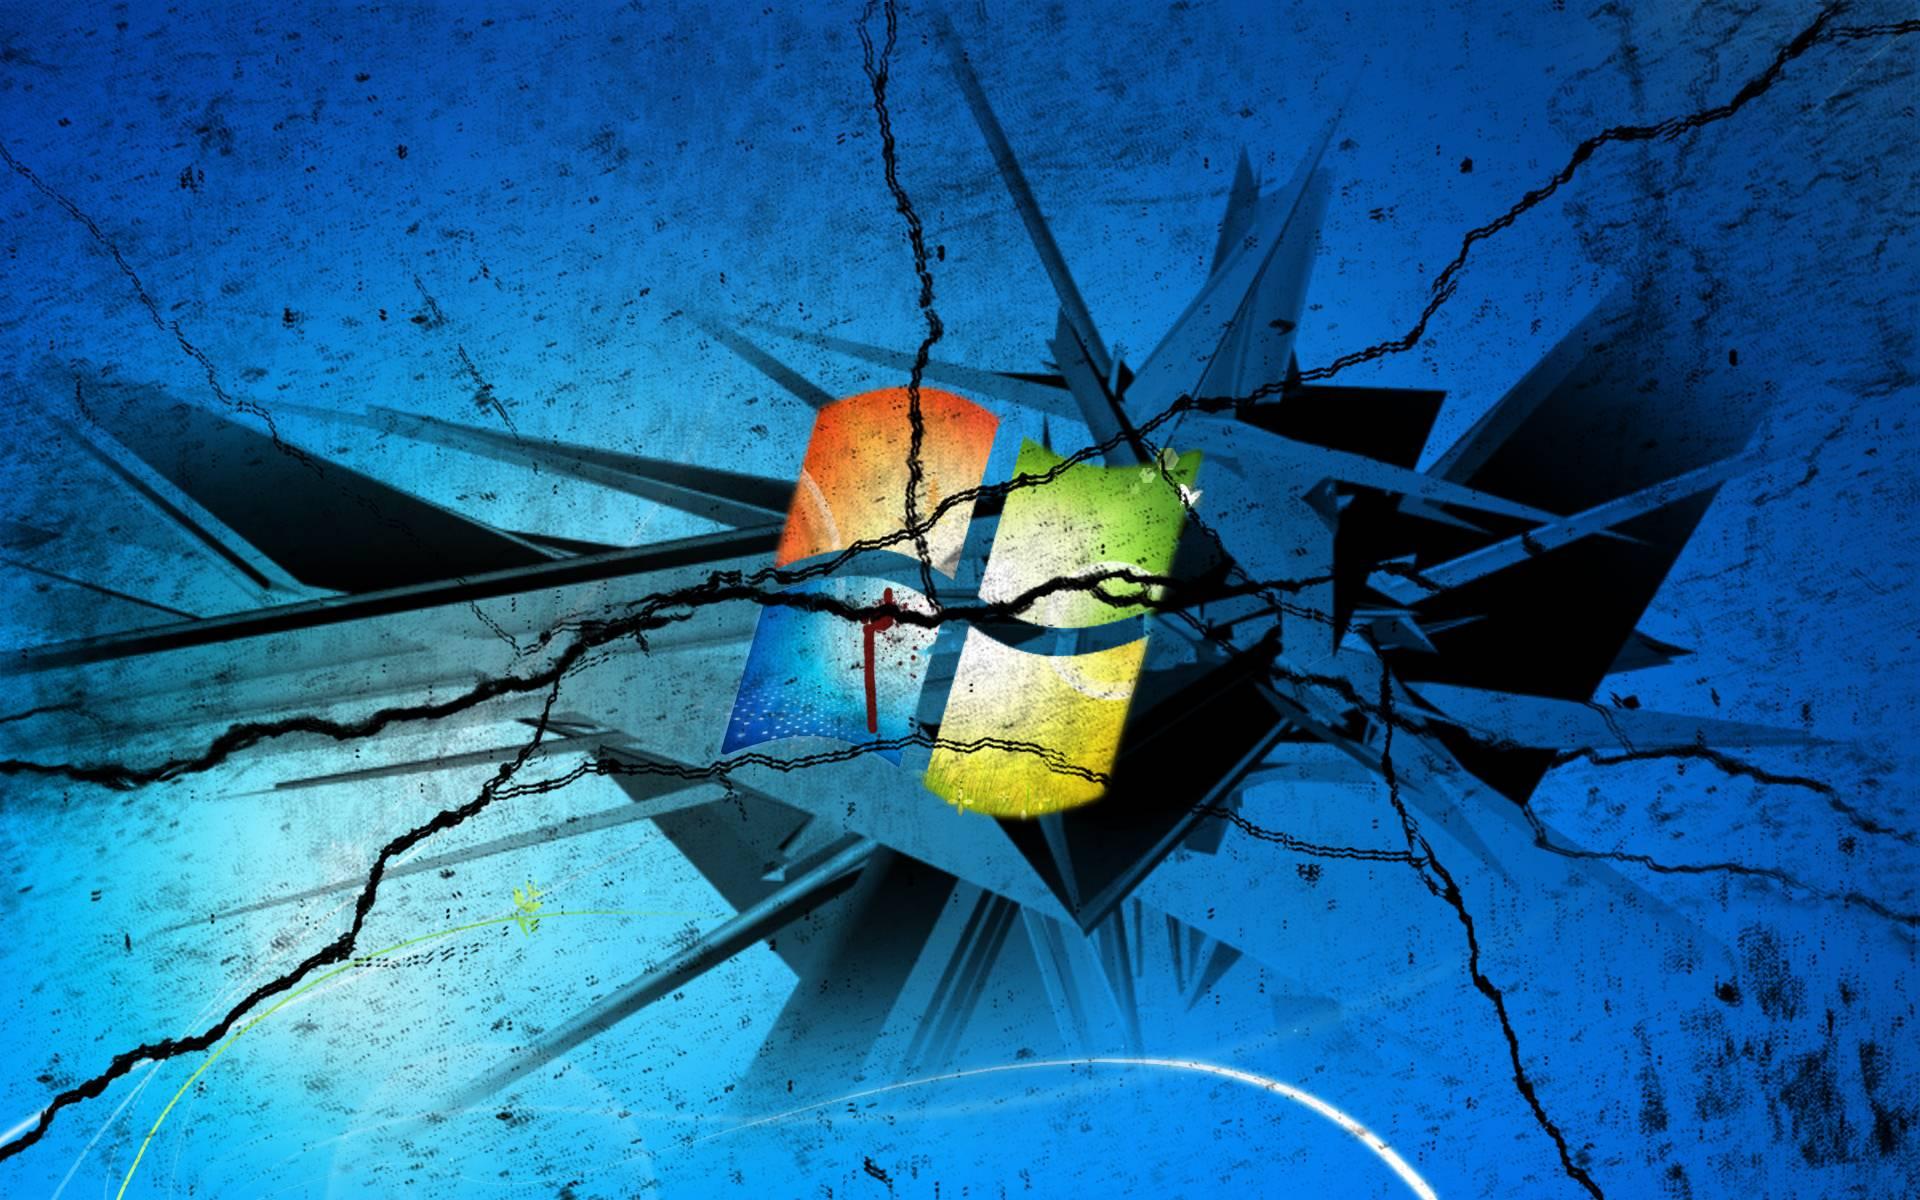 Broken Window Wallpapers   Full HD wallpaper search 1920x1200